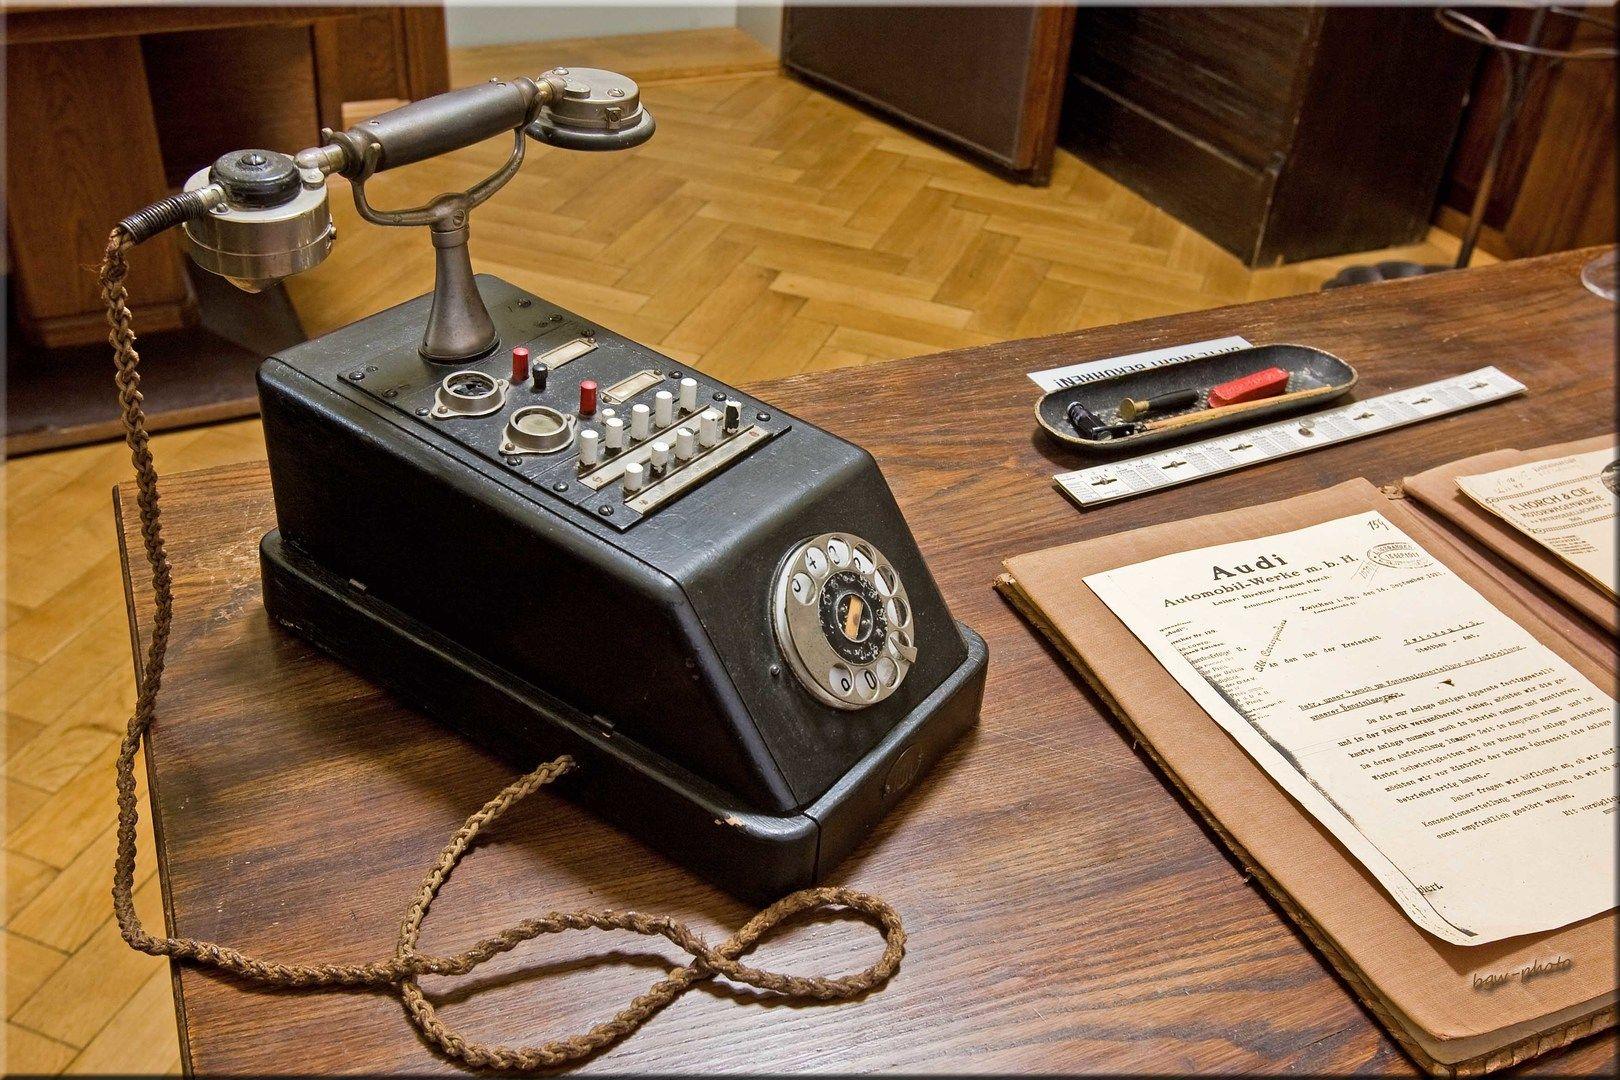 Horch's Telefon